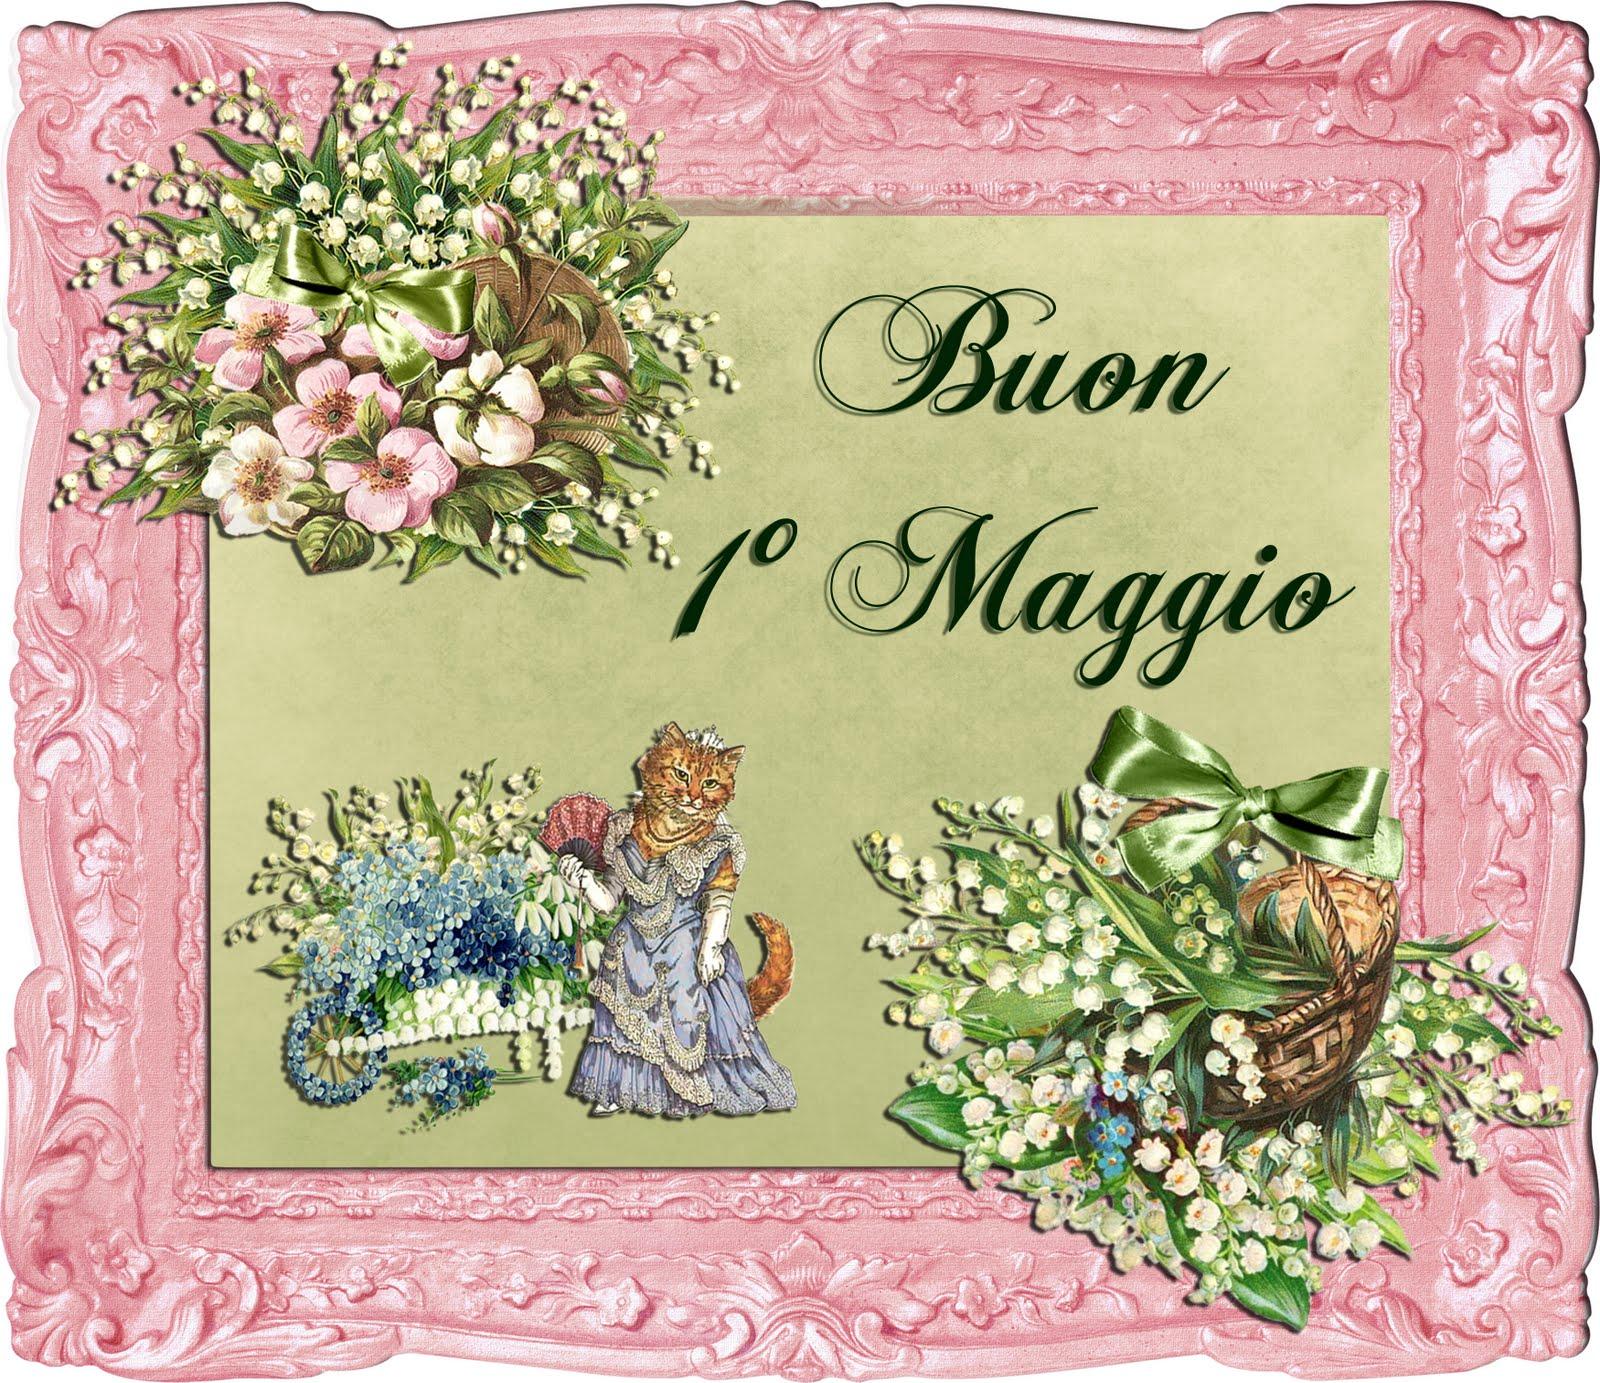 La comtesse le point de croix 1 maggio for Sinonimo di secondo